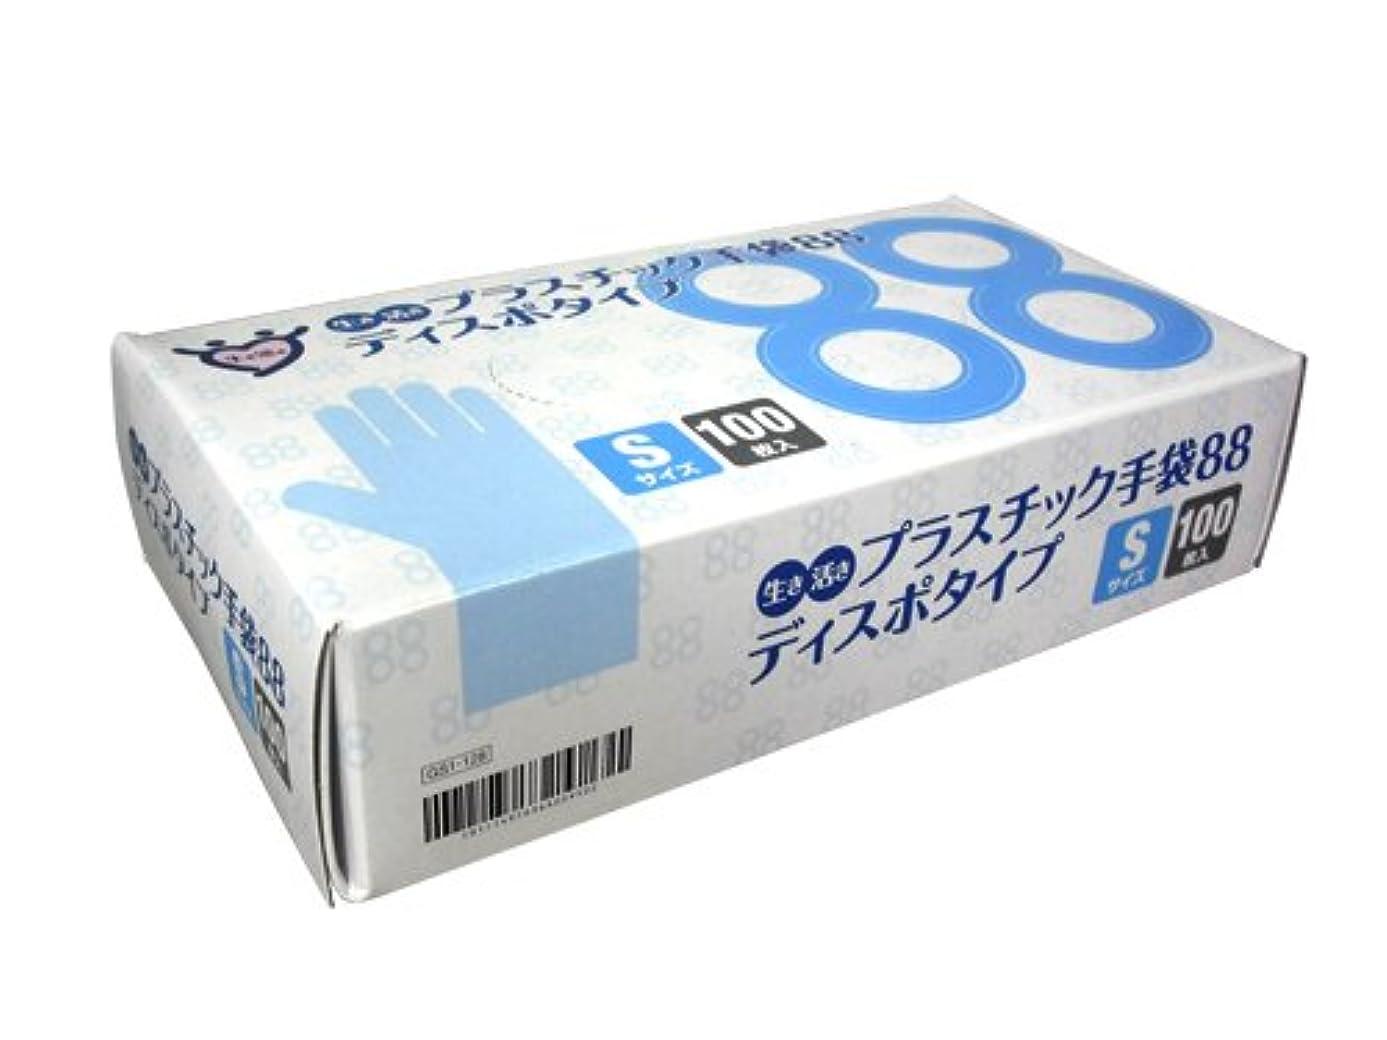 ゲージリル青生き活きプラスチック手袋88 Sサイズ 100枚入 ×20箱(1ケース)